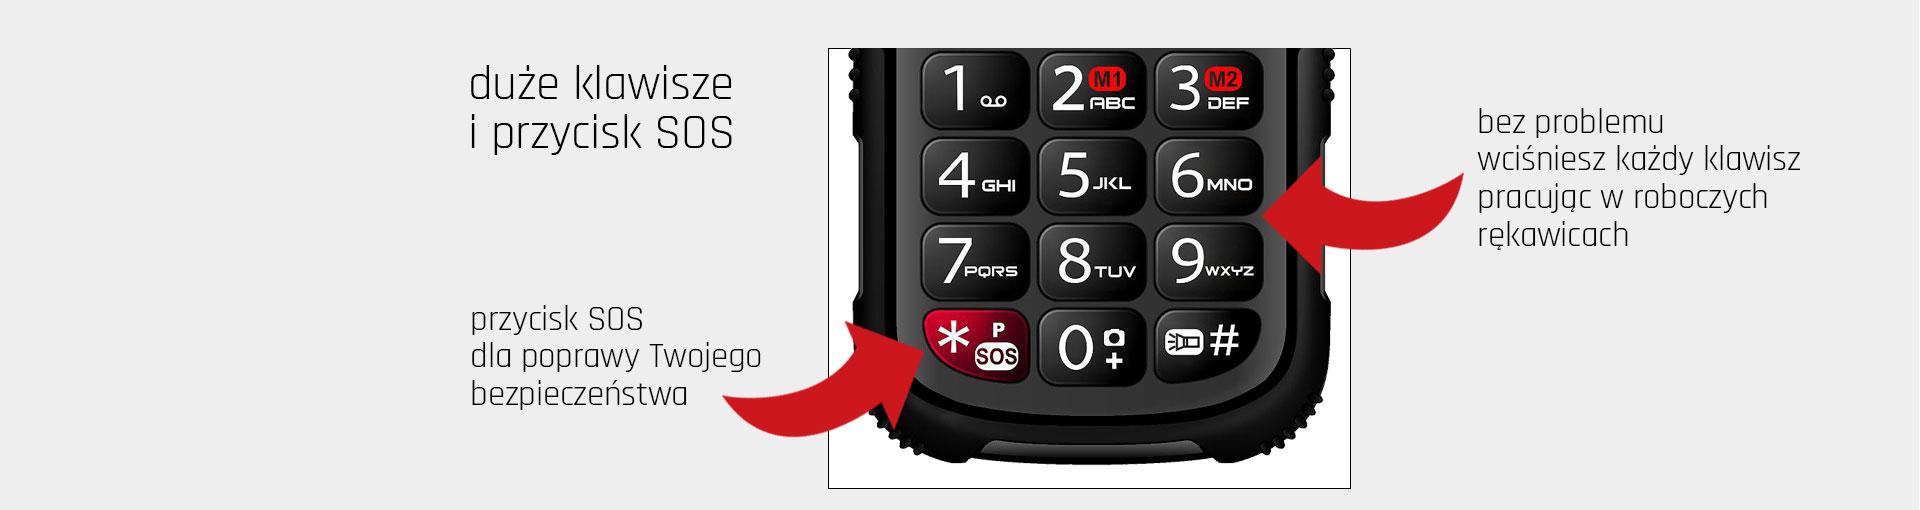 Telefon dla wymagających Maxcom MM910 Strong